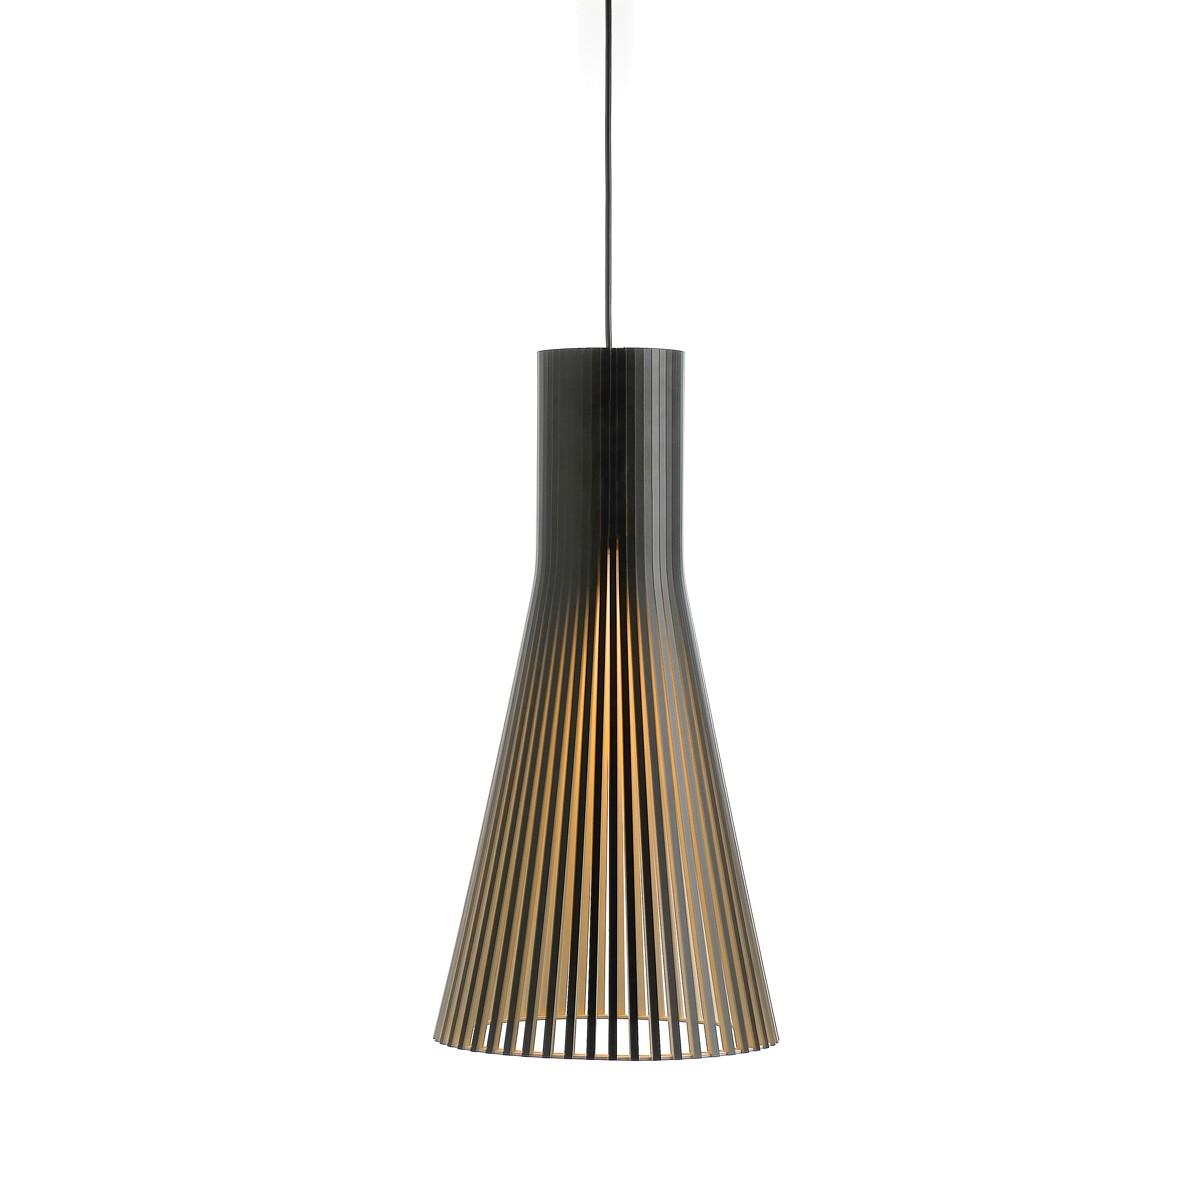 Secto Design Secto 4200 Pendelleuchte, schwarz laminiert, Kabel: schwarz